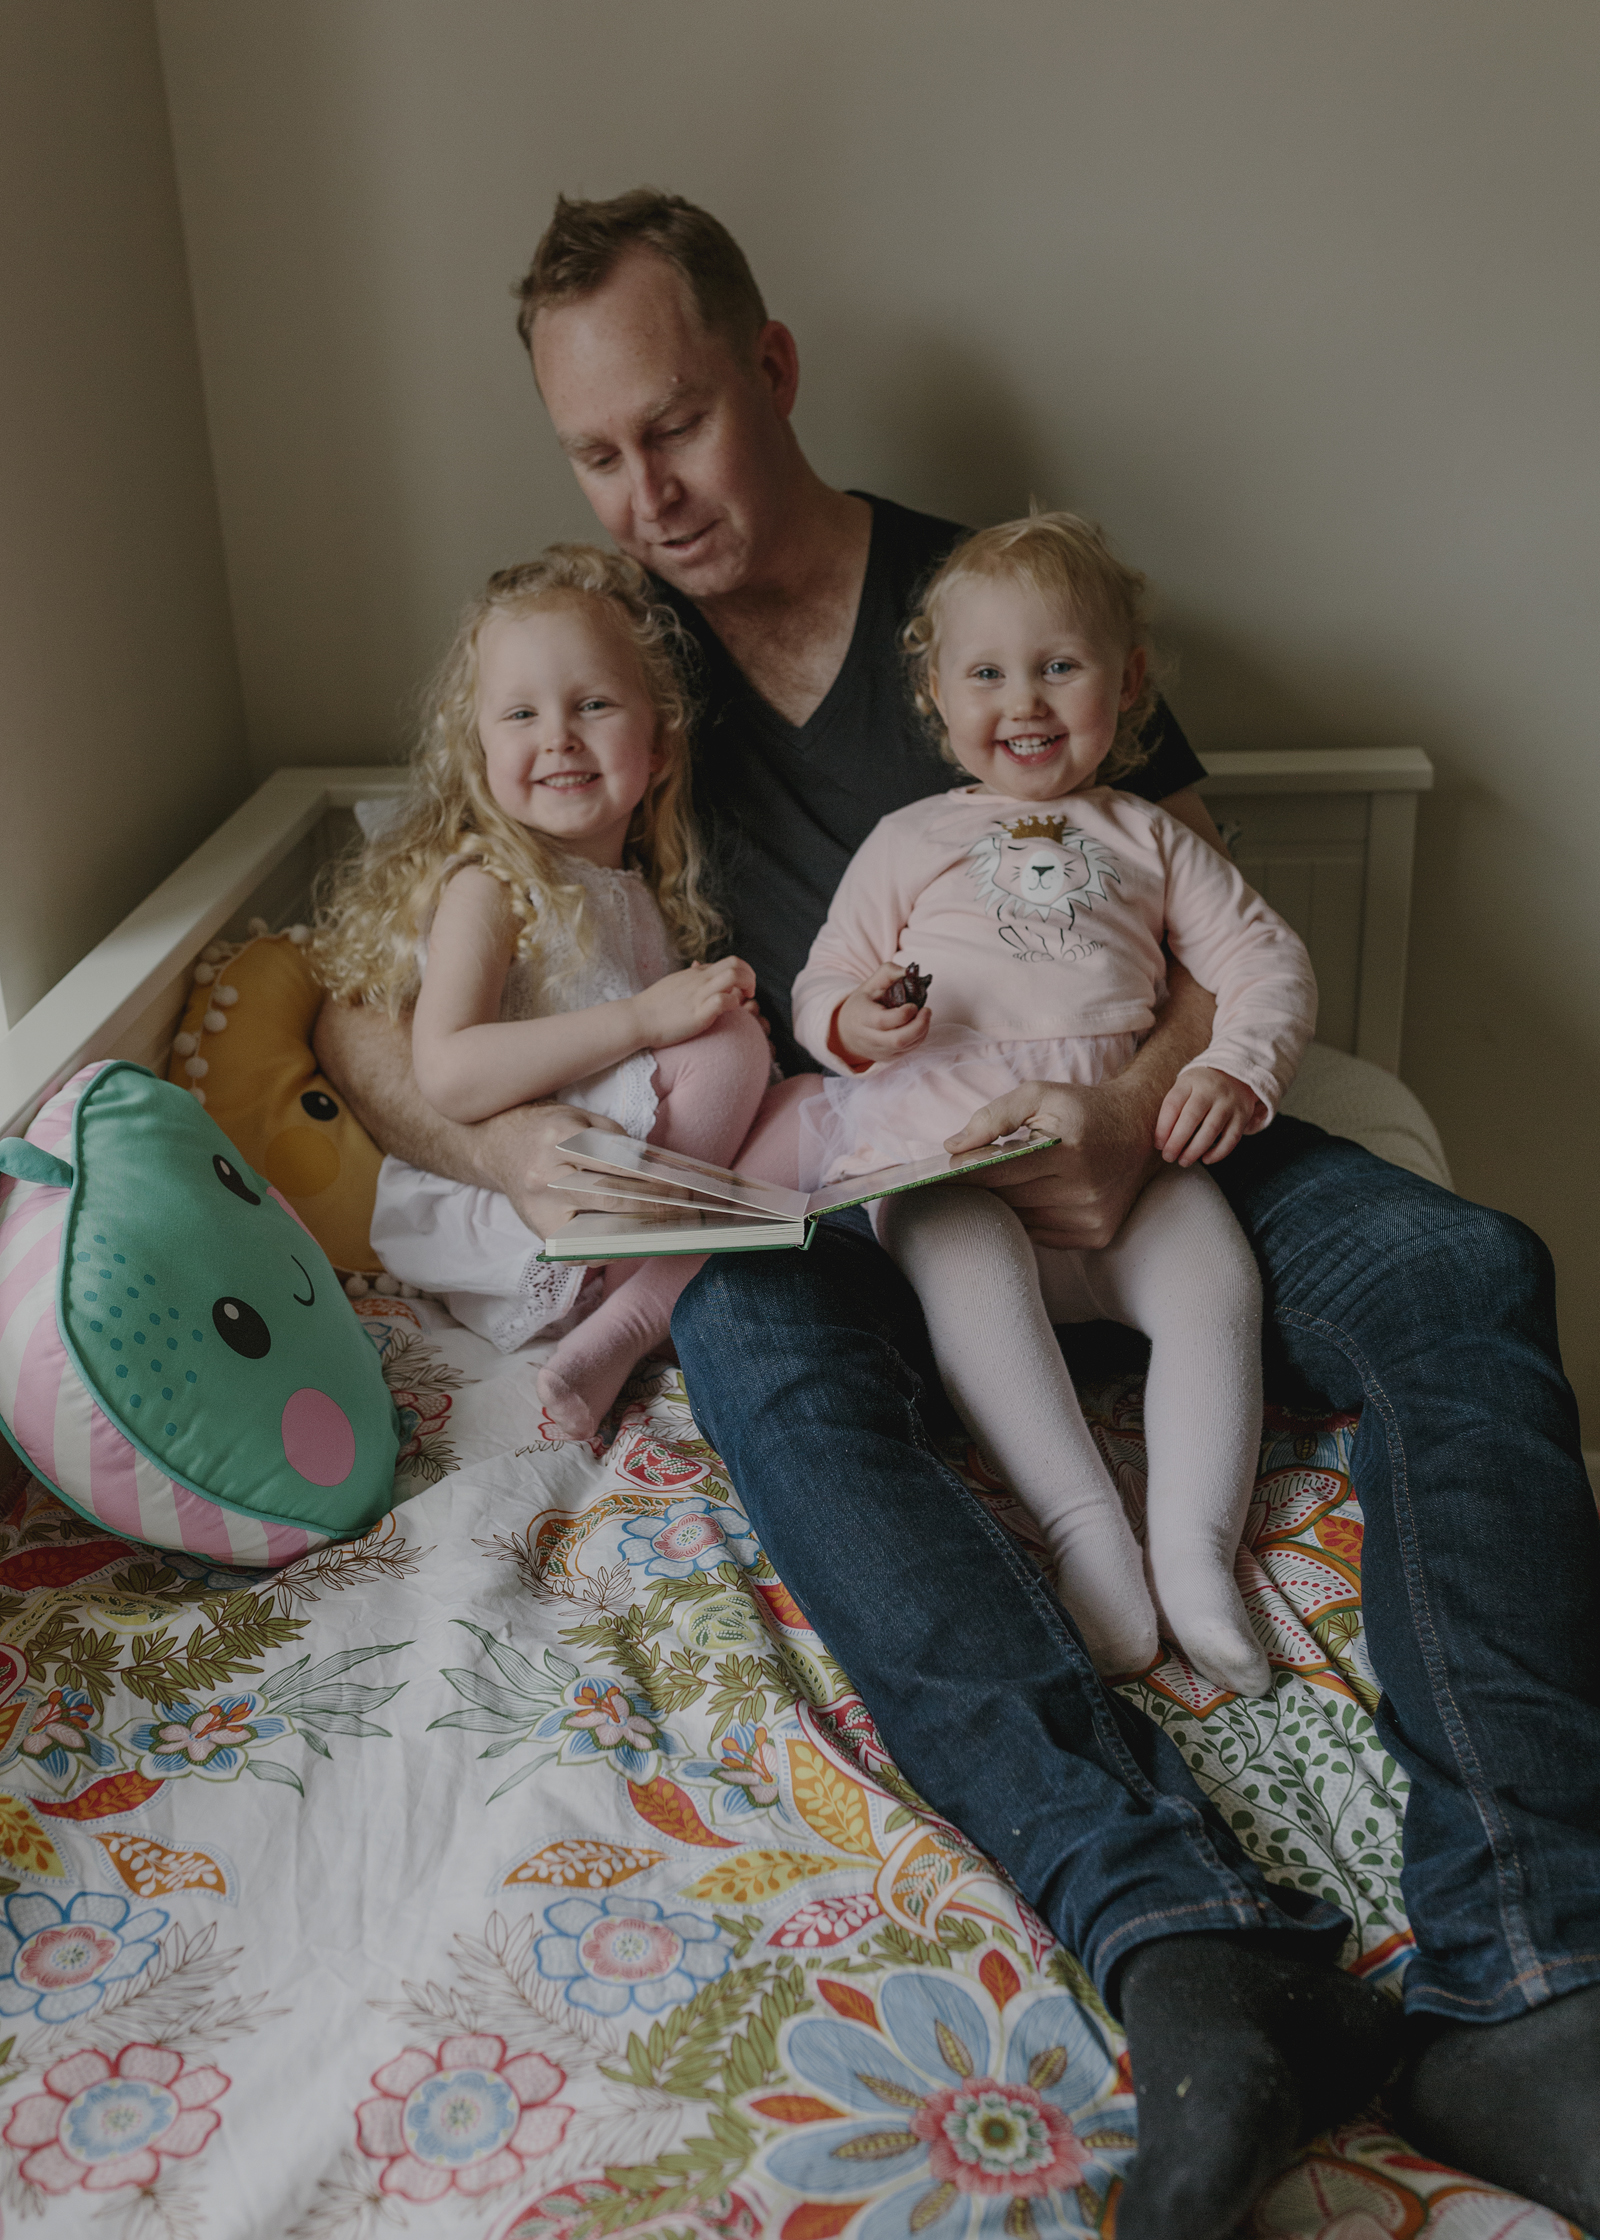 Fatherhood photography